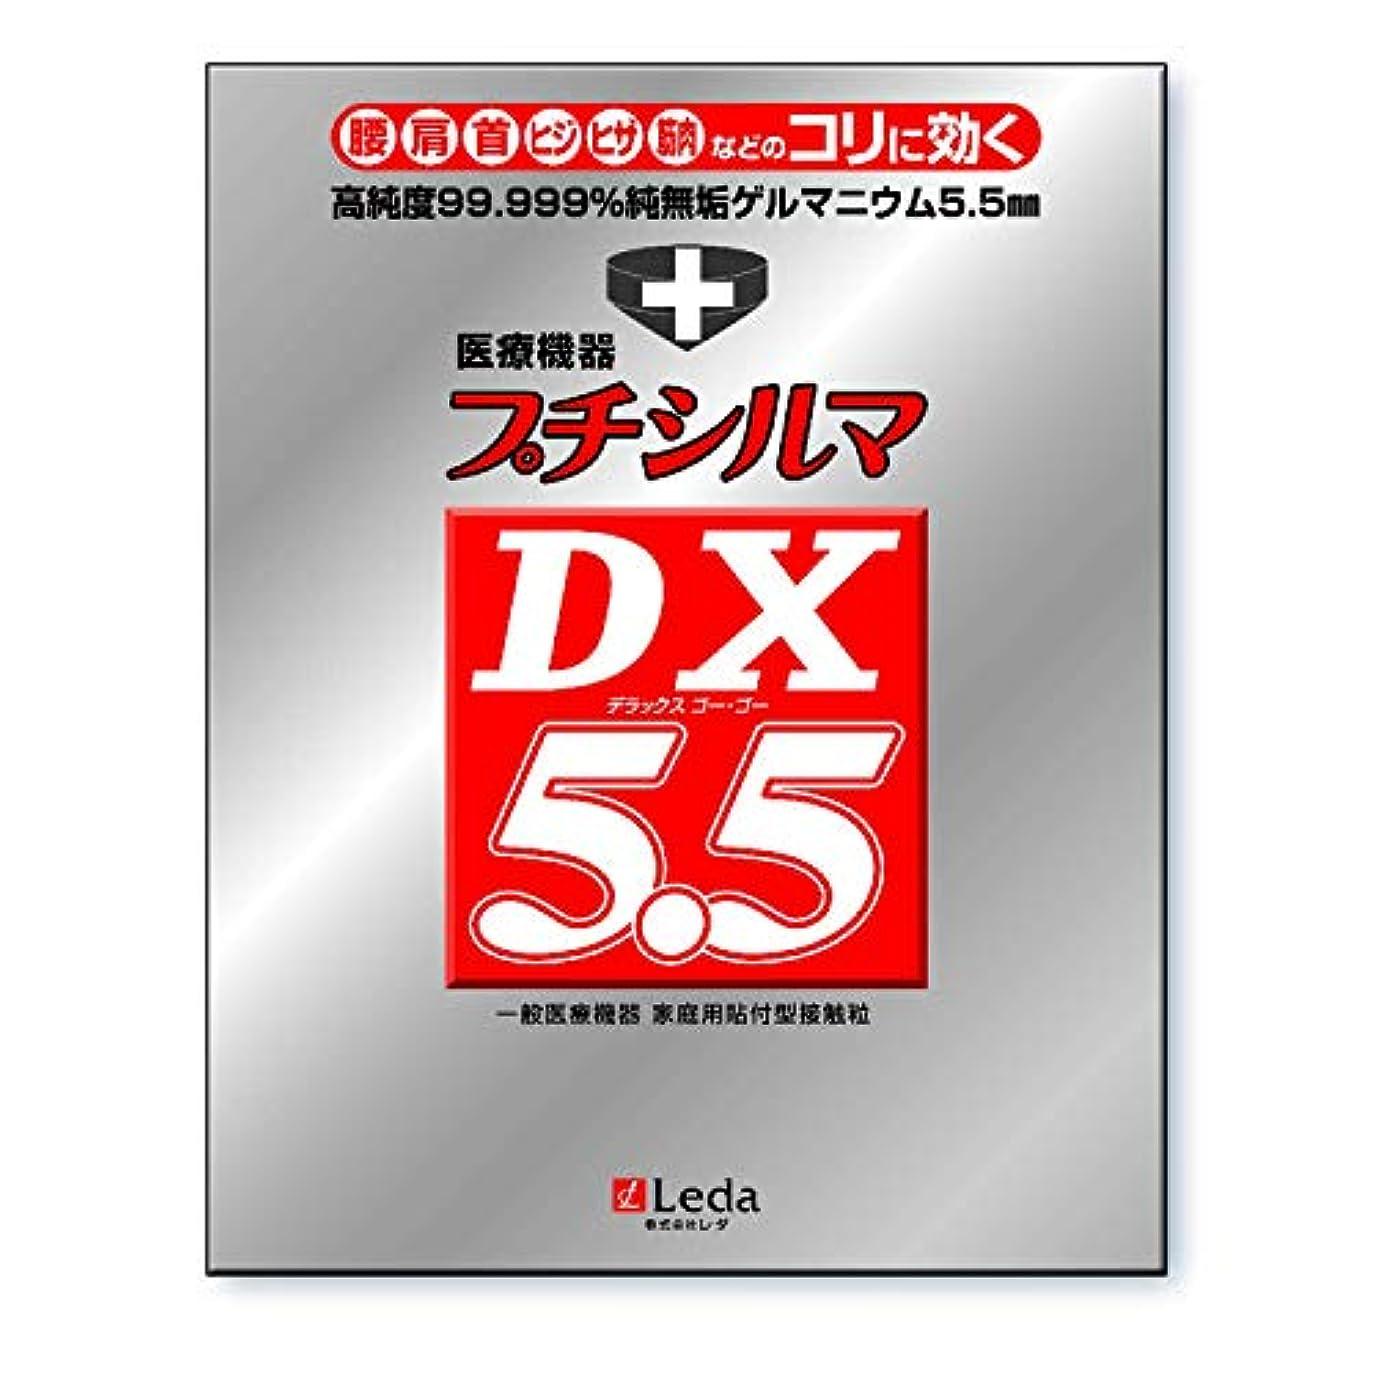 非難飽和する放置プチシルマDX 5.5 お徳用替えプラスター200枚付き